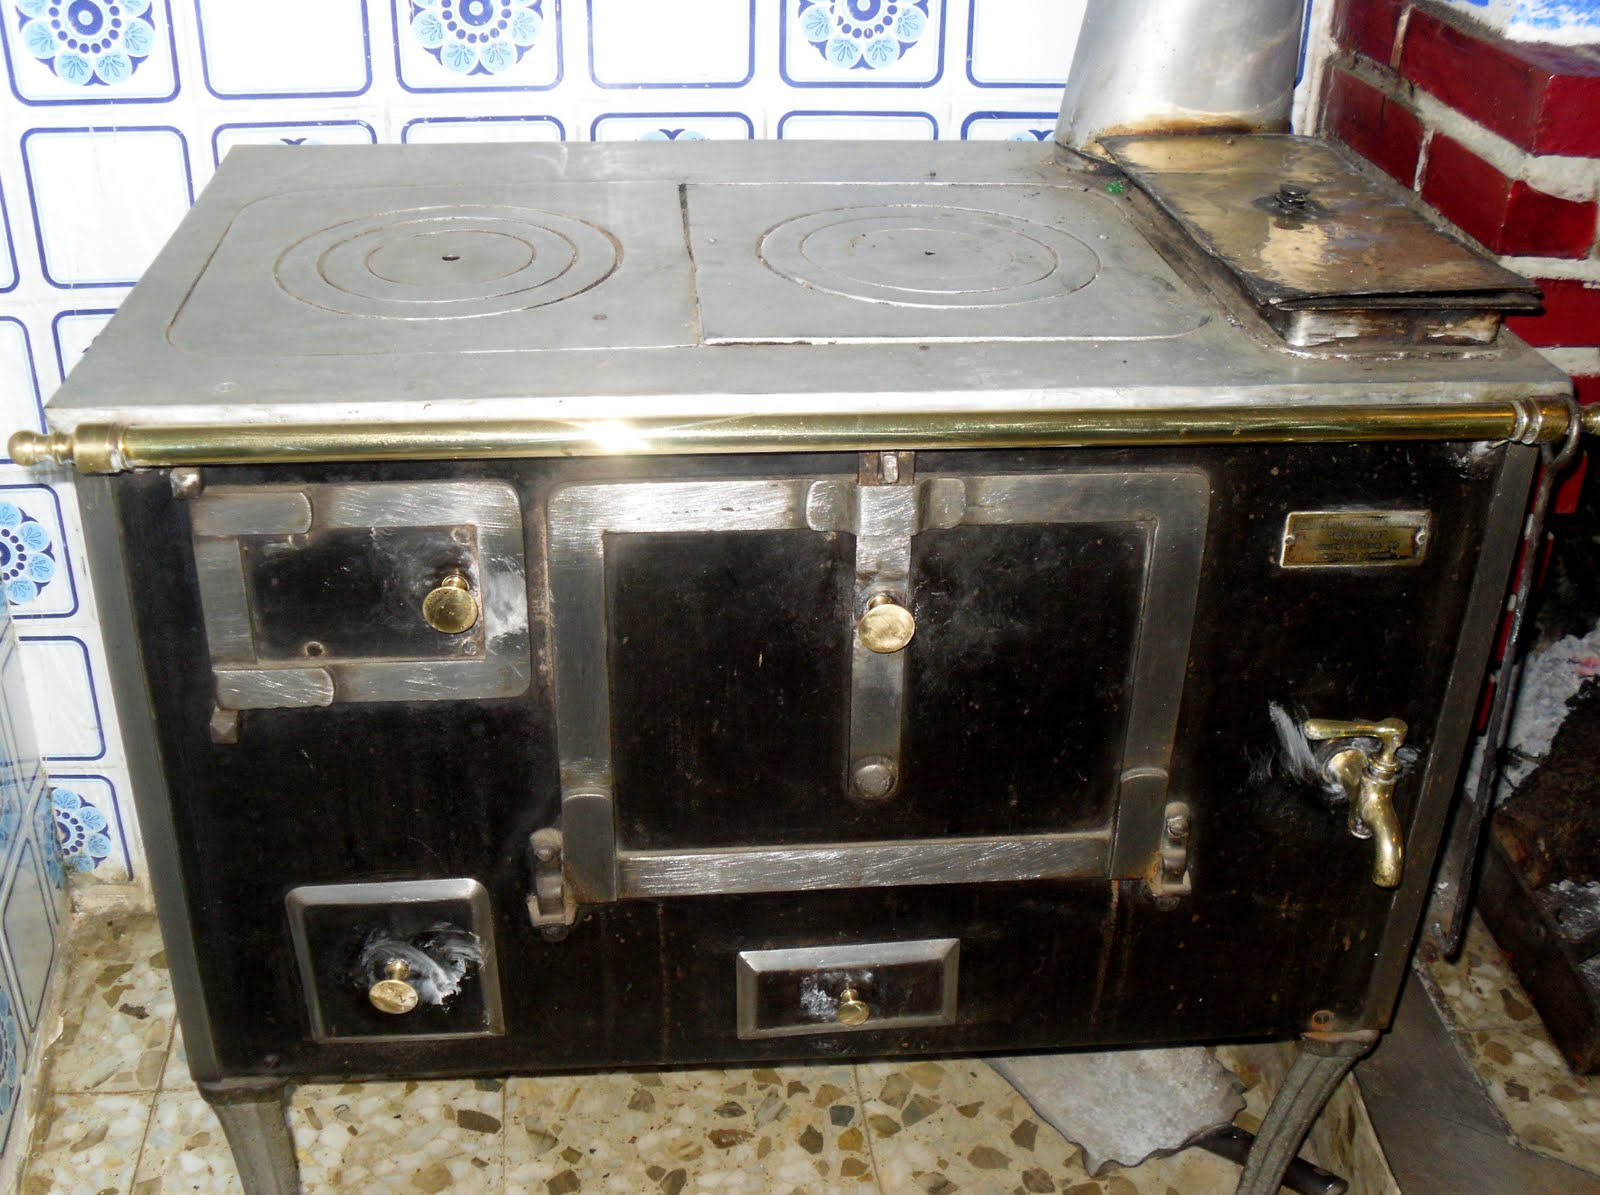 La cocina plural la cocina o cocinilla econ mica - Cocinas economicas de lena ...